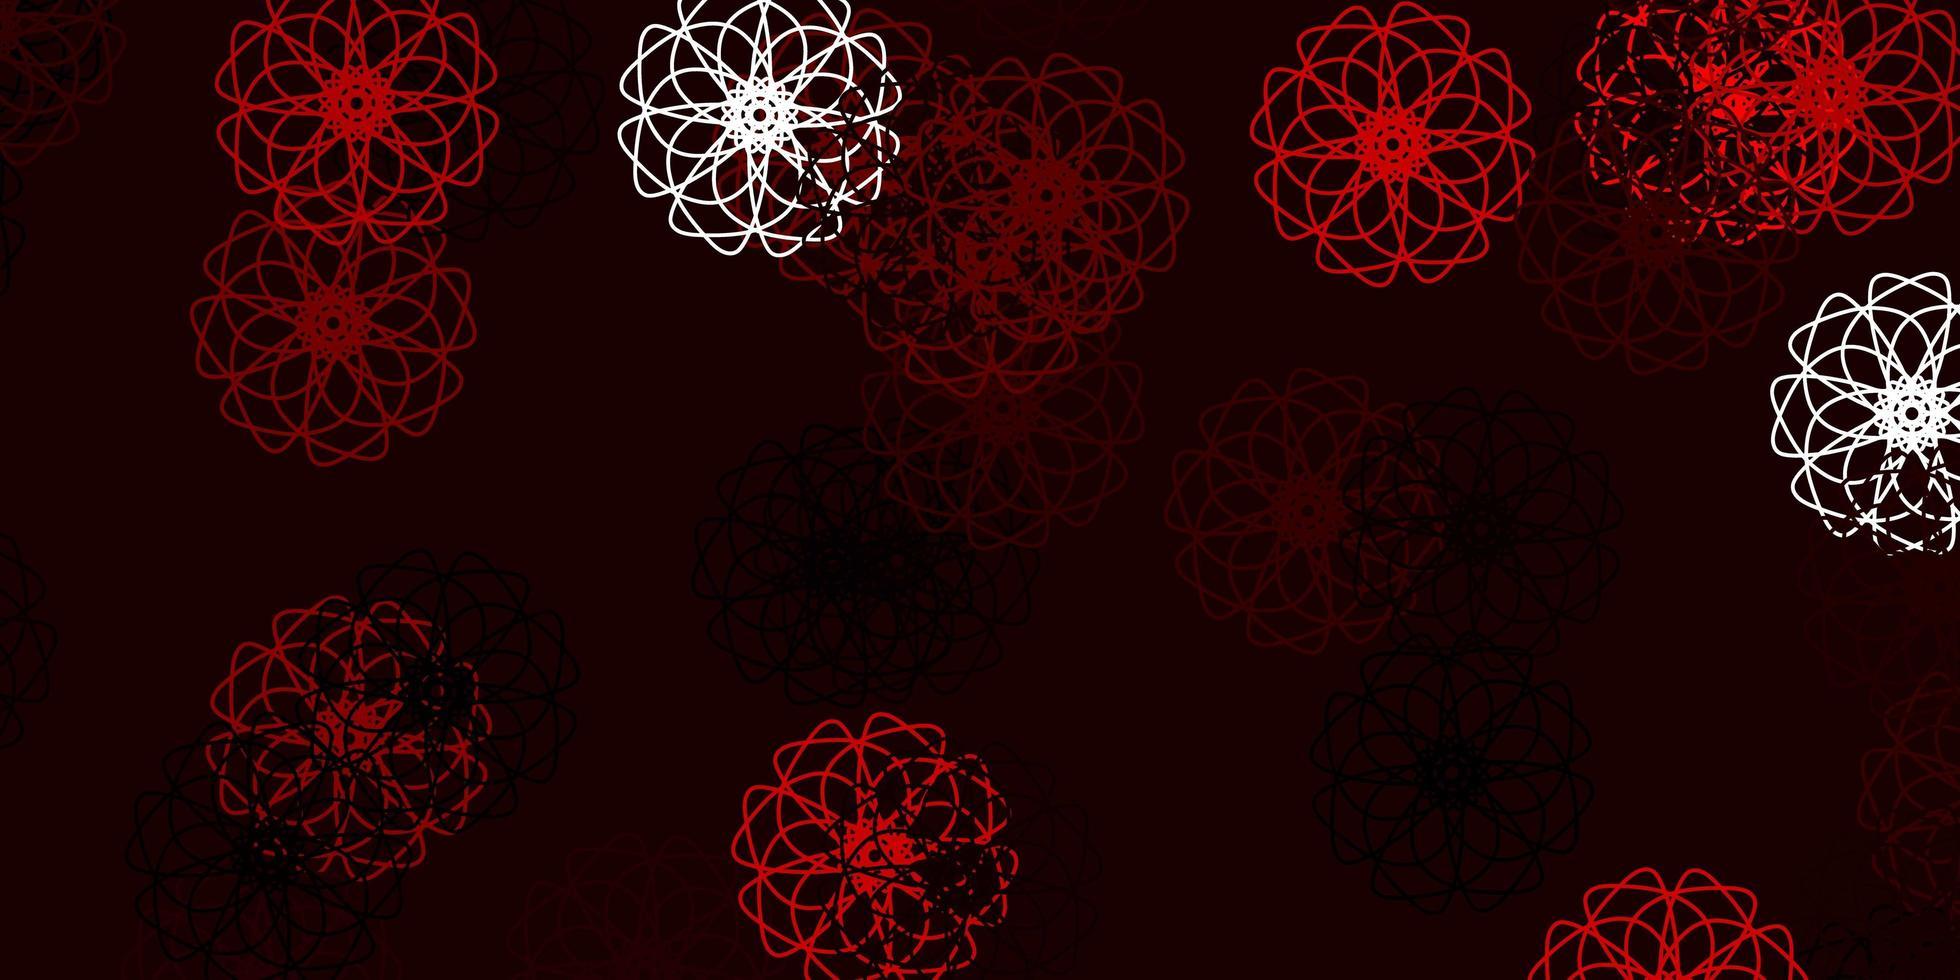 hellrotes Vektor-Gekritzelmuster mit Blumen. vektor